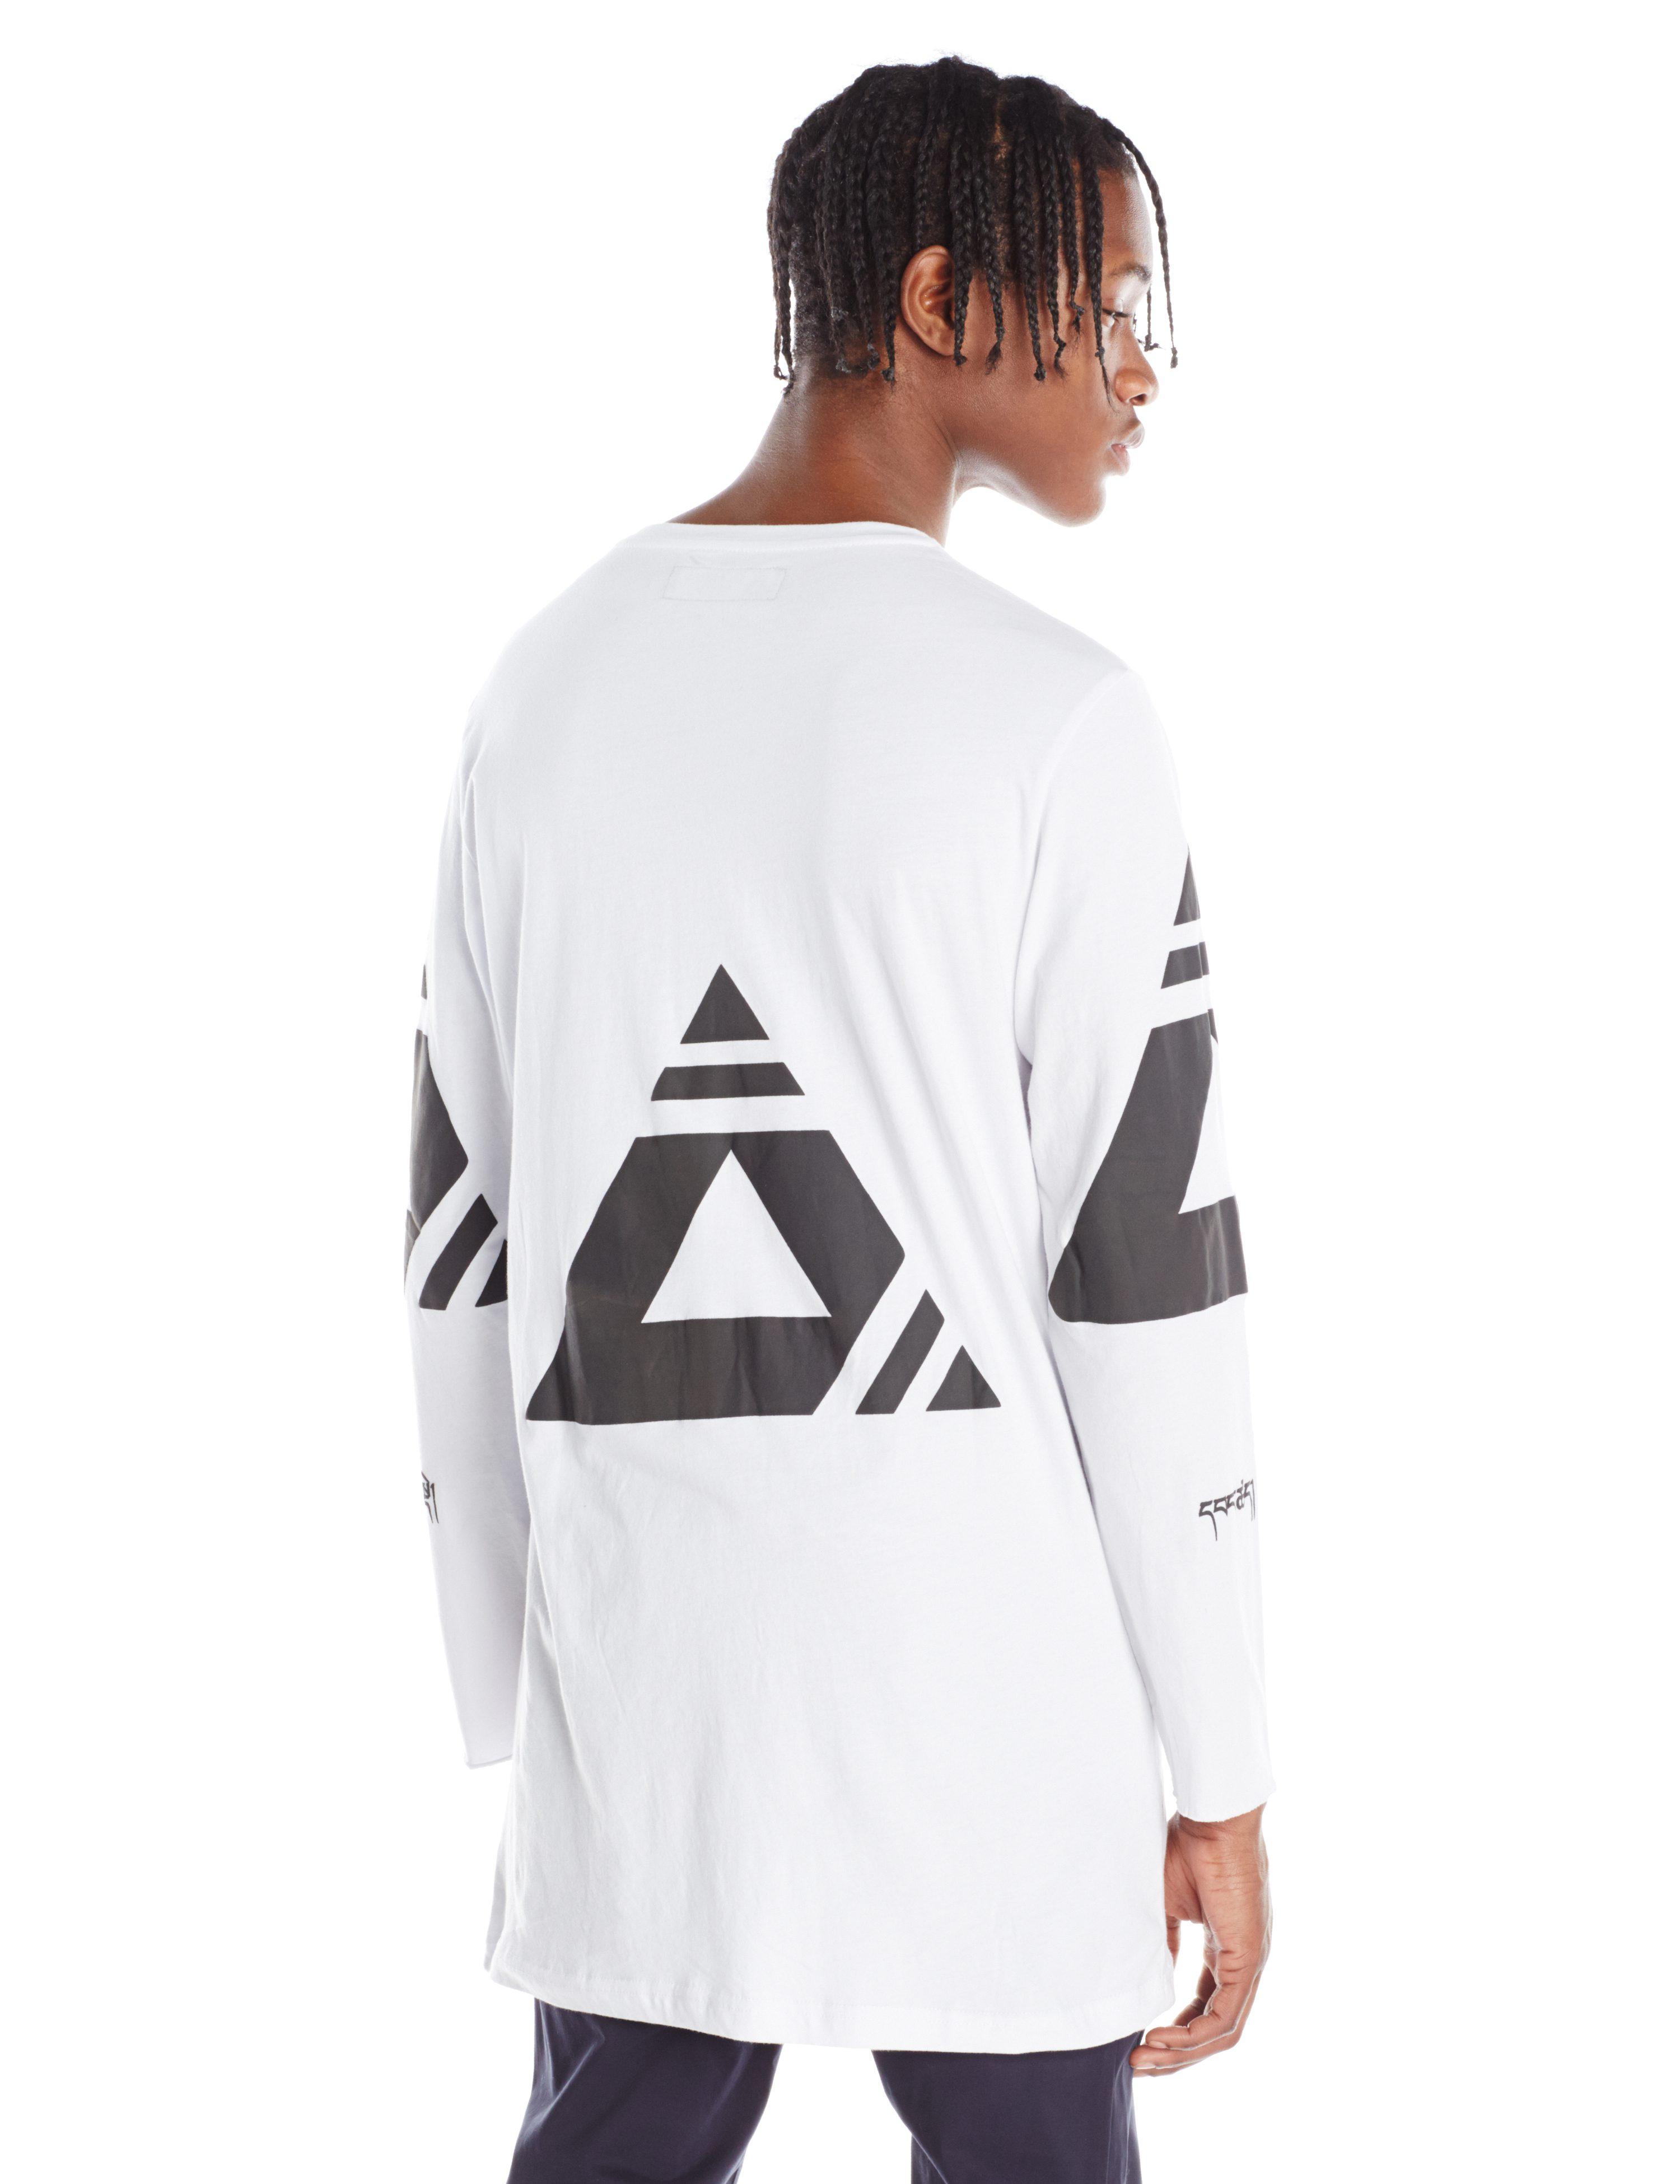 BACK-CLONE TEE WHITE BLACK.0336